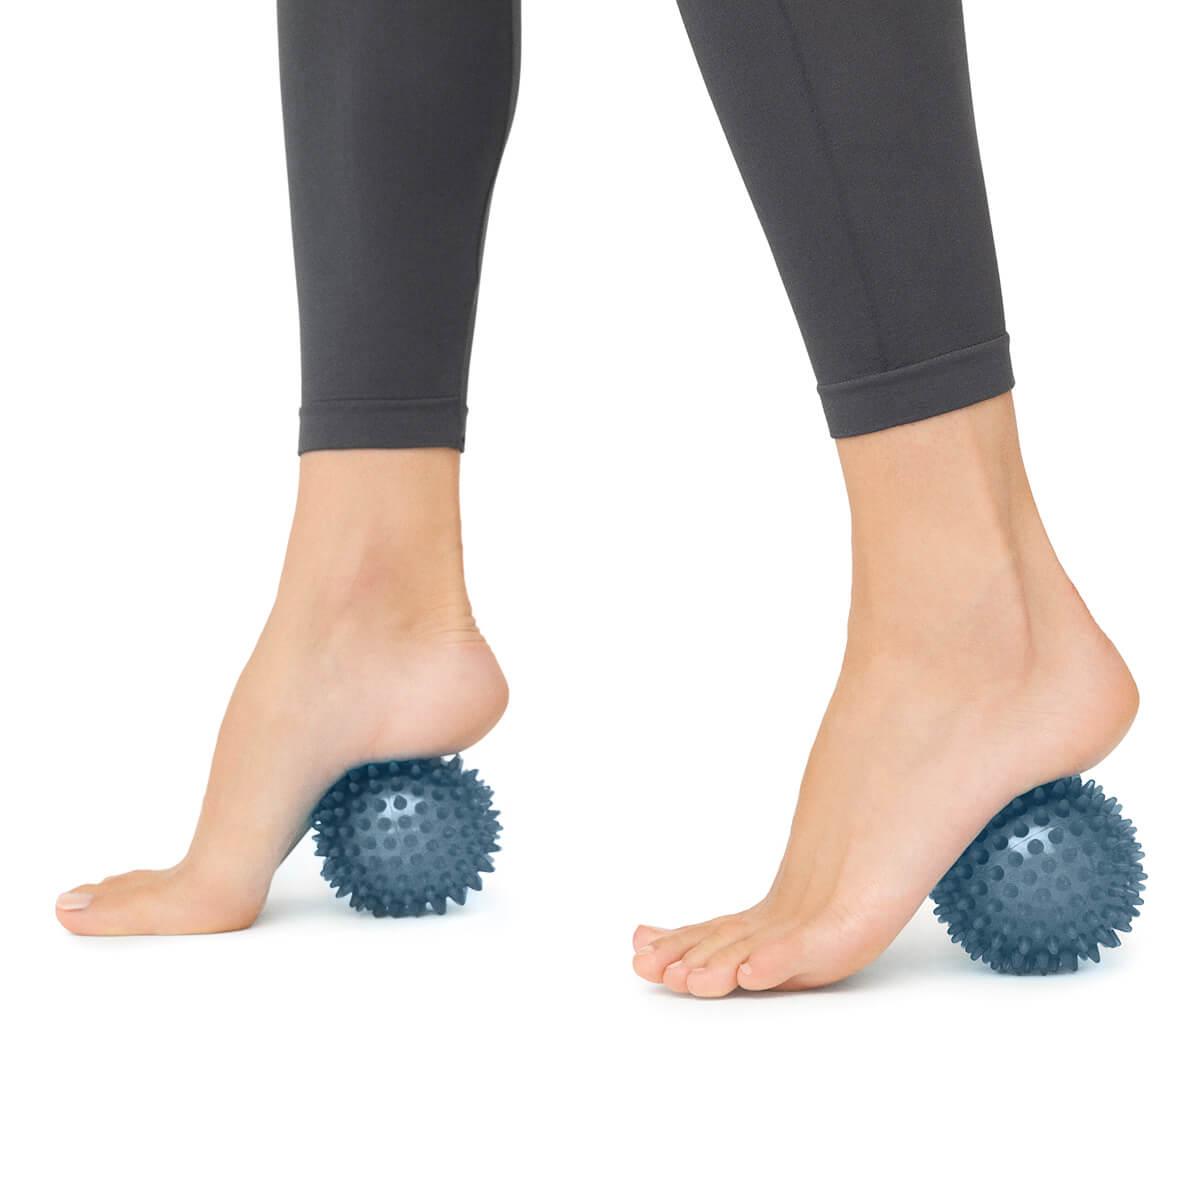 Oak and Reed Renew Massage Ball - V2